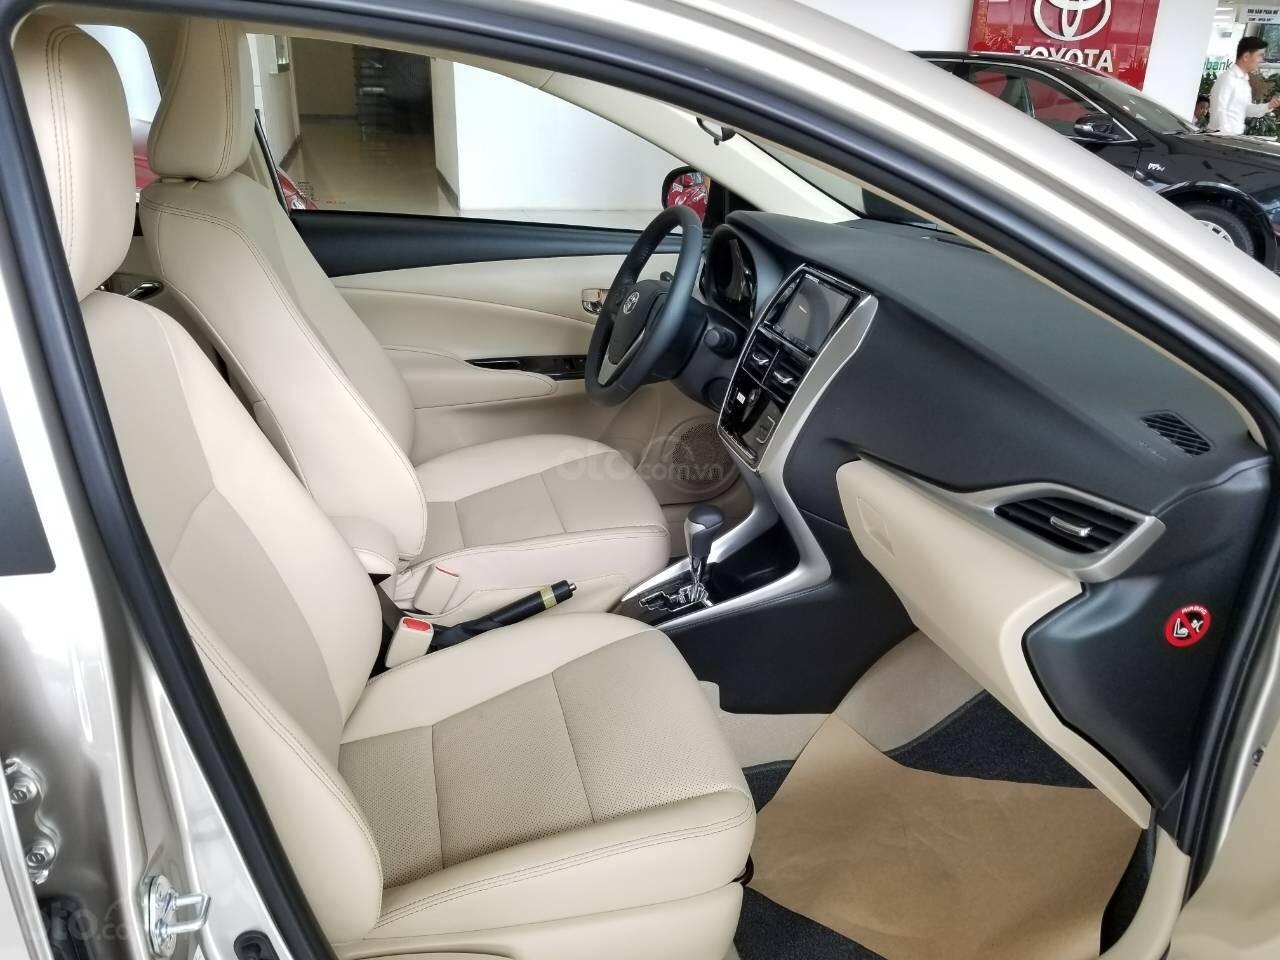 Bán nhanh chiếc xe Toyota Vios 1.5G CVT - 2019 với giá cạnh tranh nhất thị trường (7)